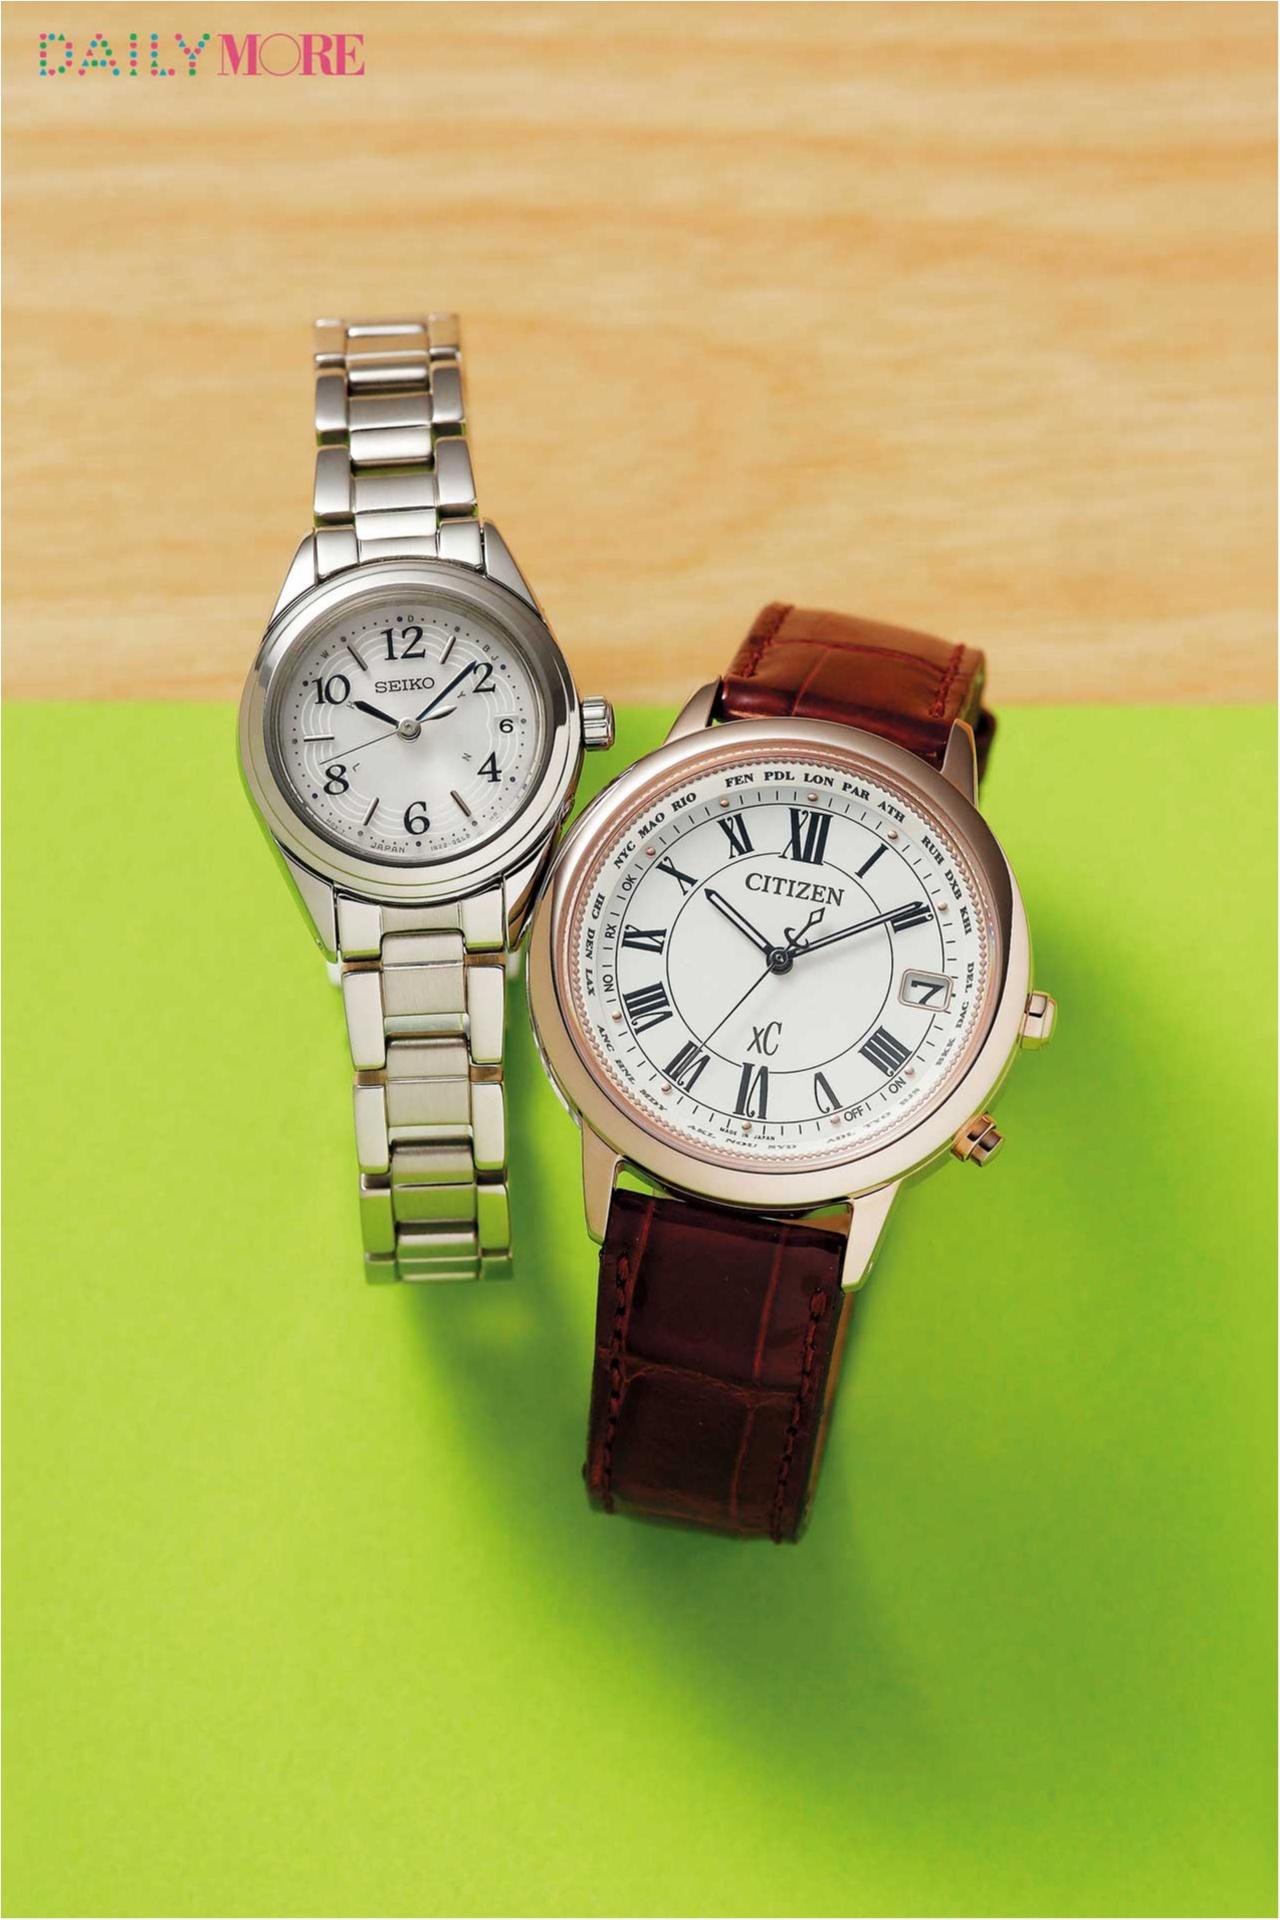 人気ベスト3を発表!! 今狙うべき腕時計は「ビッグフェイス」「電波時計」「ピンクゴールド」!_2